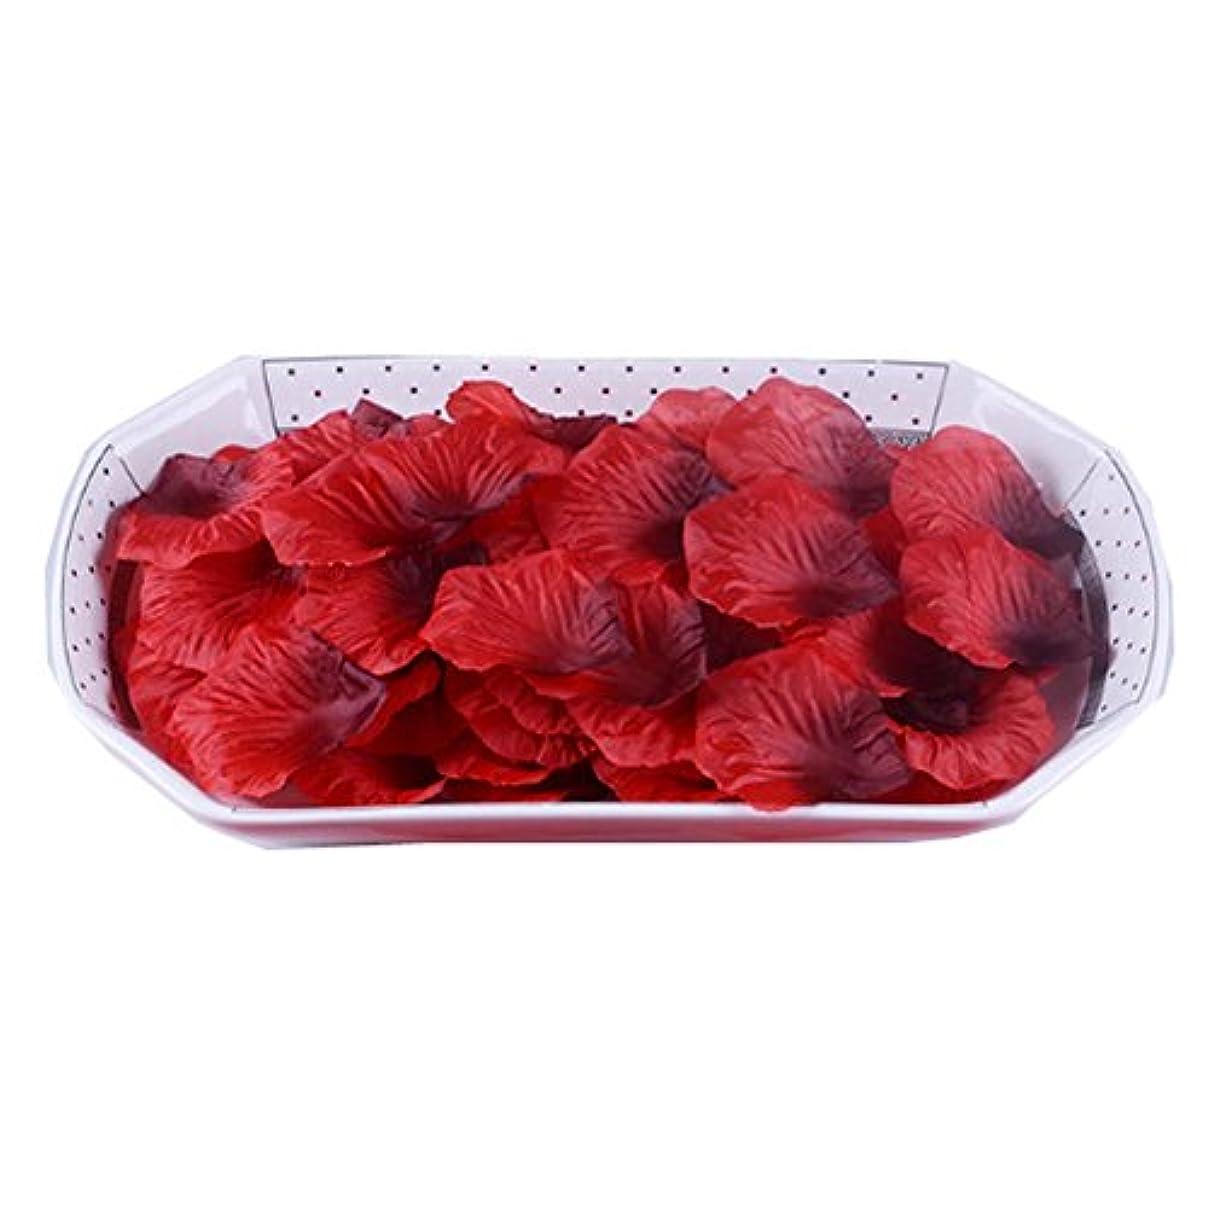 同性愛者虎天窓人工花びらの結婚式の装飾品は、3000の花びらのセットをバラ